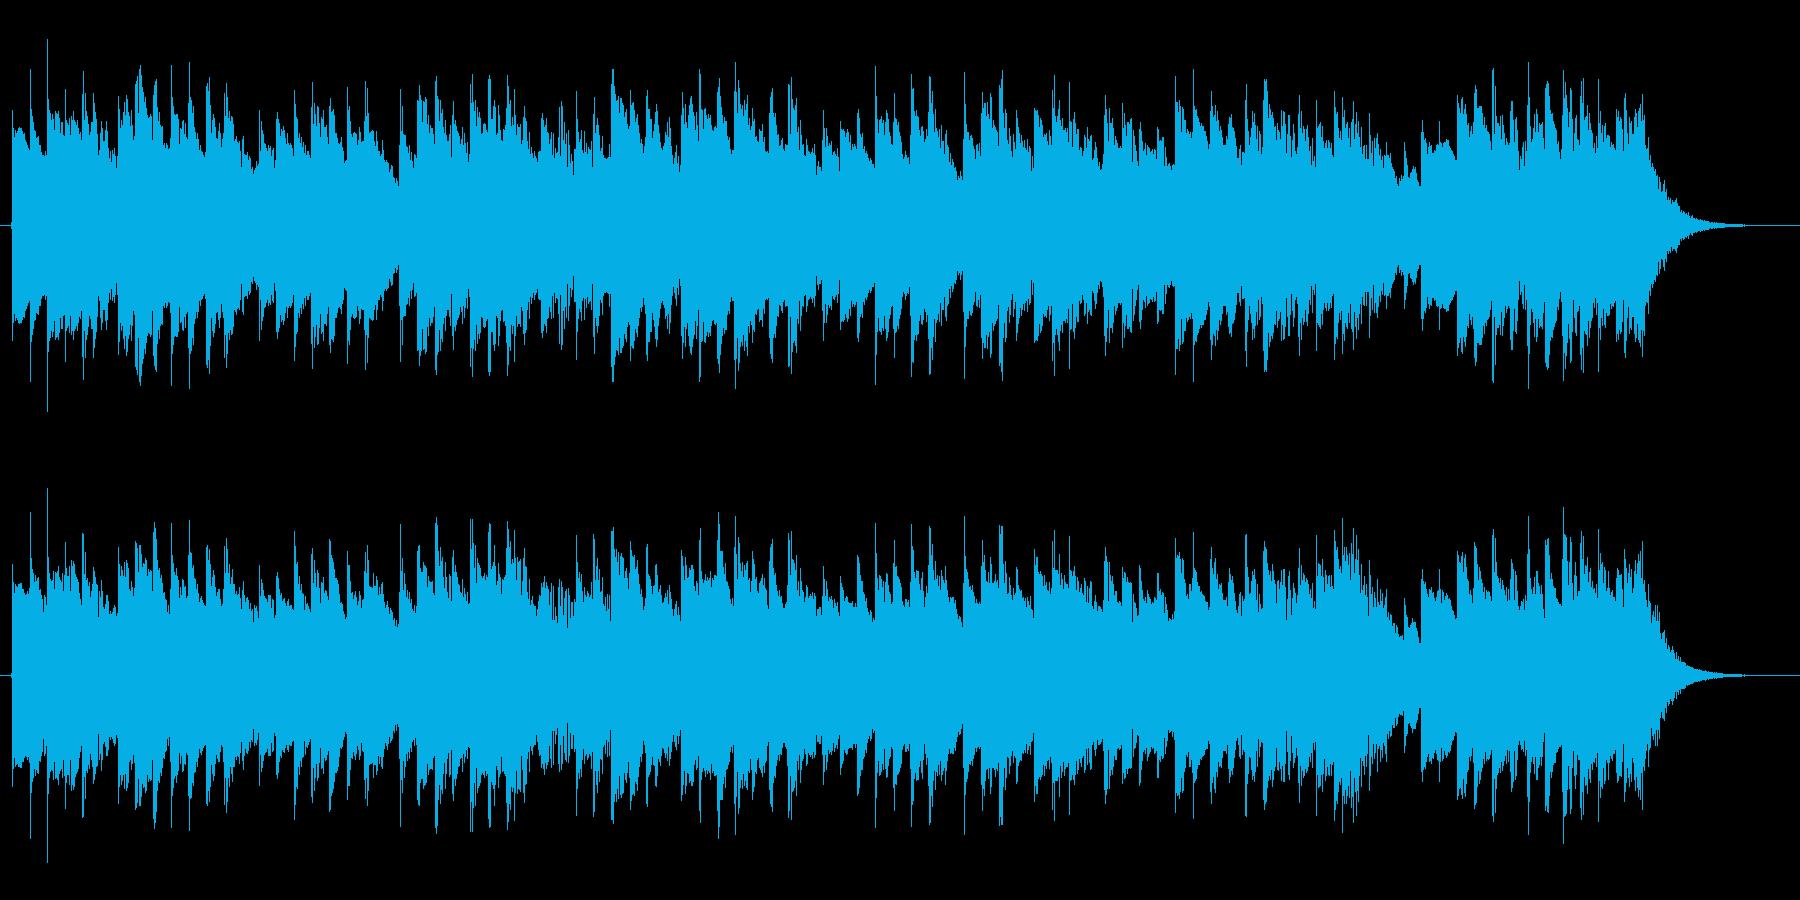 軽快なオルゴールジングル(27秒)の再生済みの波形